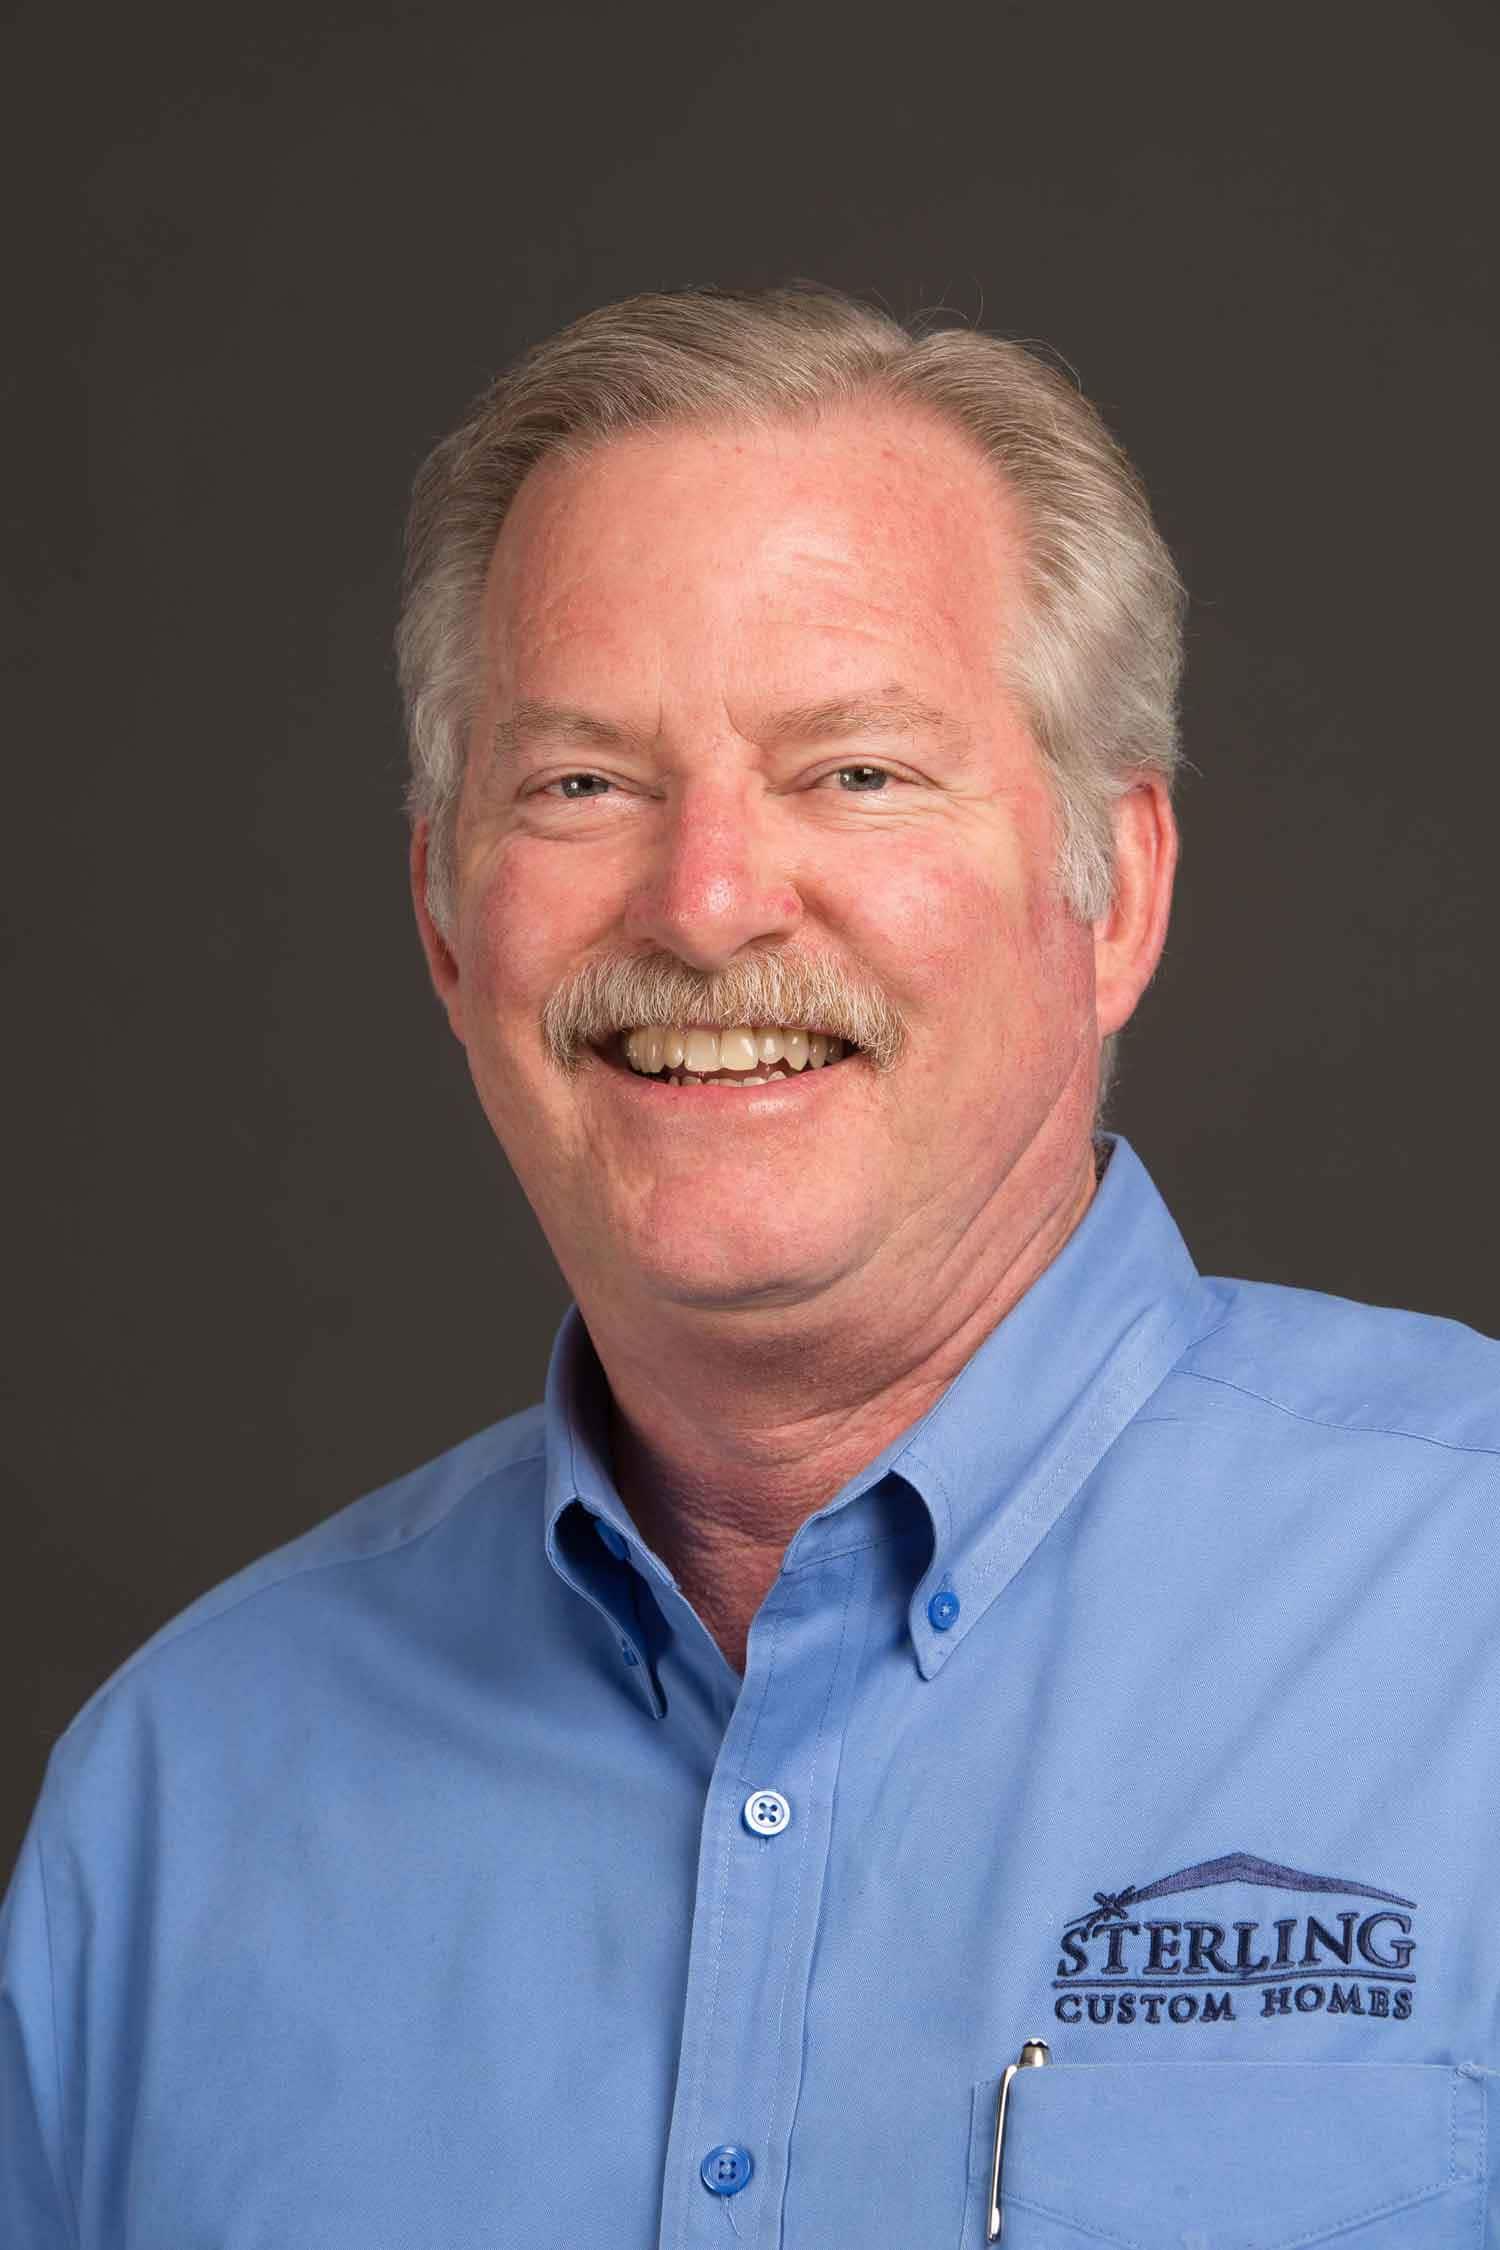 Duke McDowell, GMB